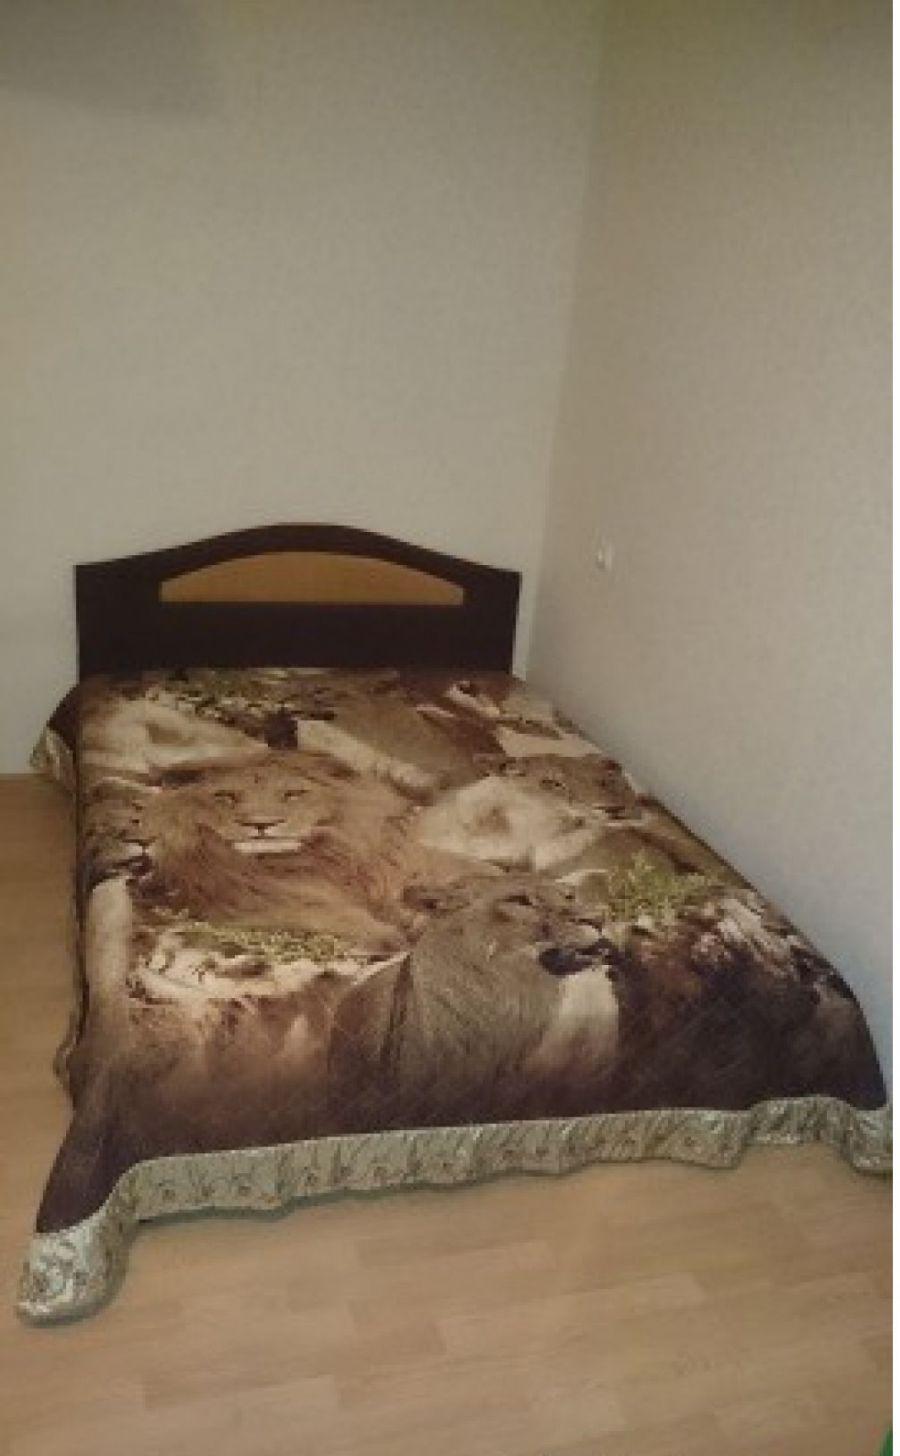 Продажа двухкомнатной квартиры г. Щелково ул. Институтская дом 37, фото 5